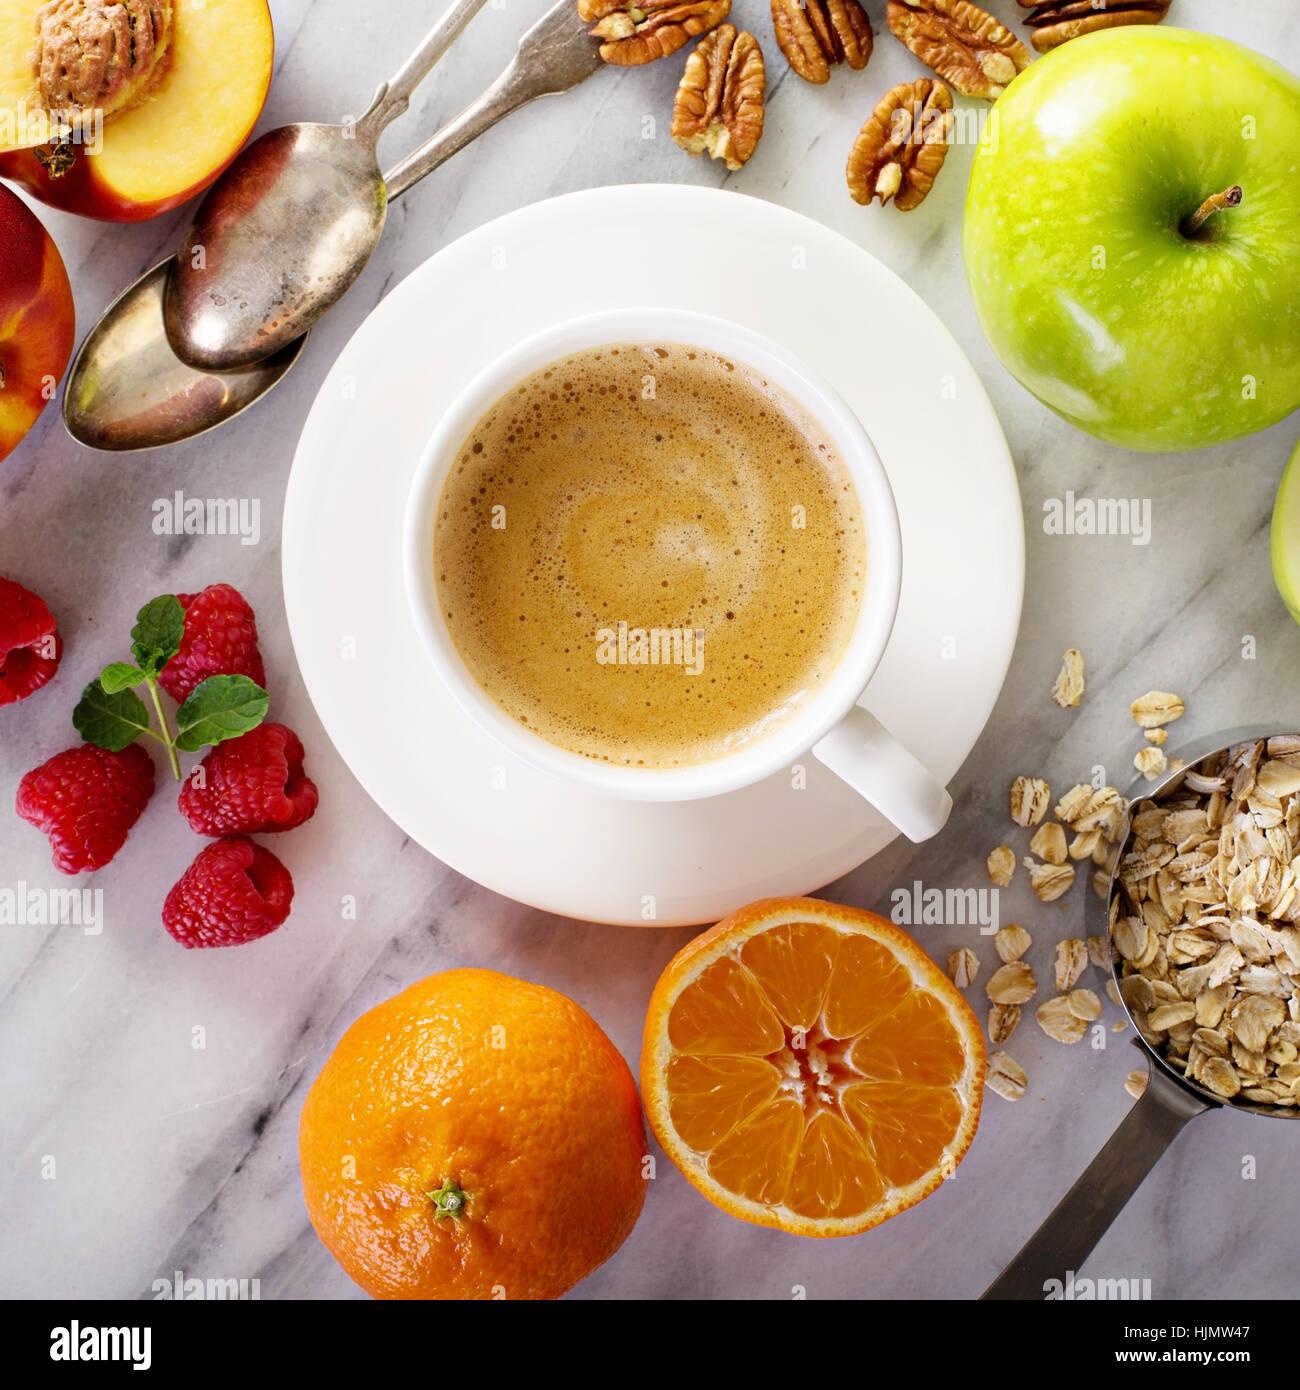 Les ingrédients du petit-déjeuner sain Photo Stock